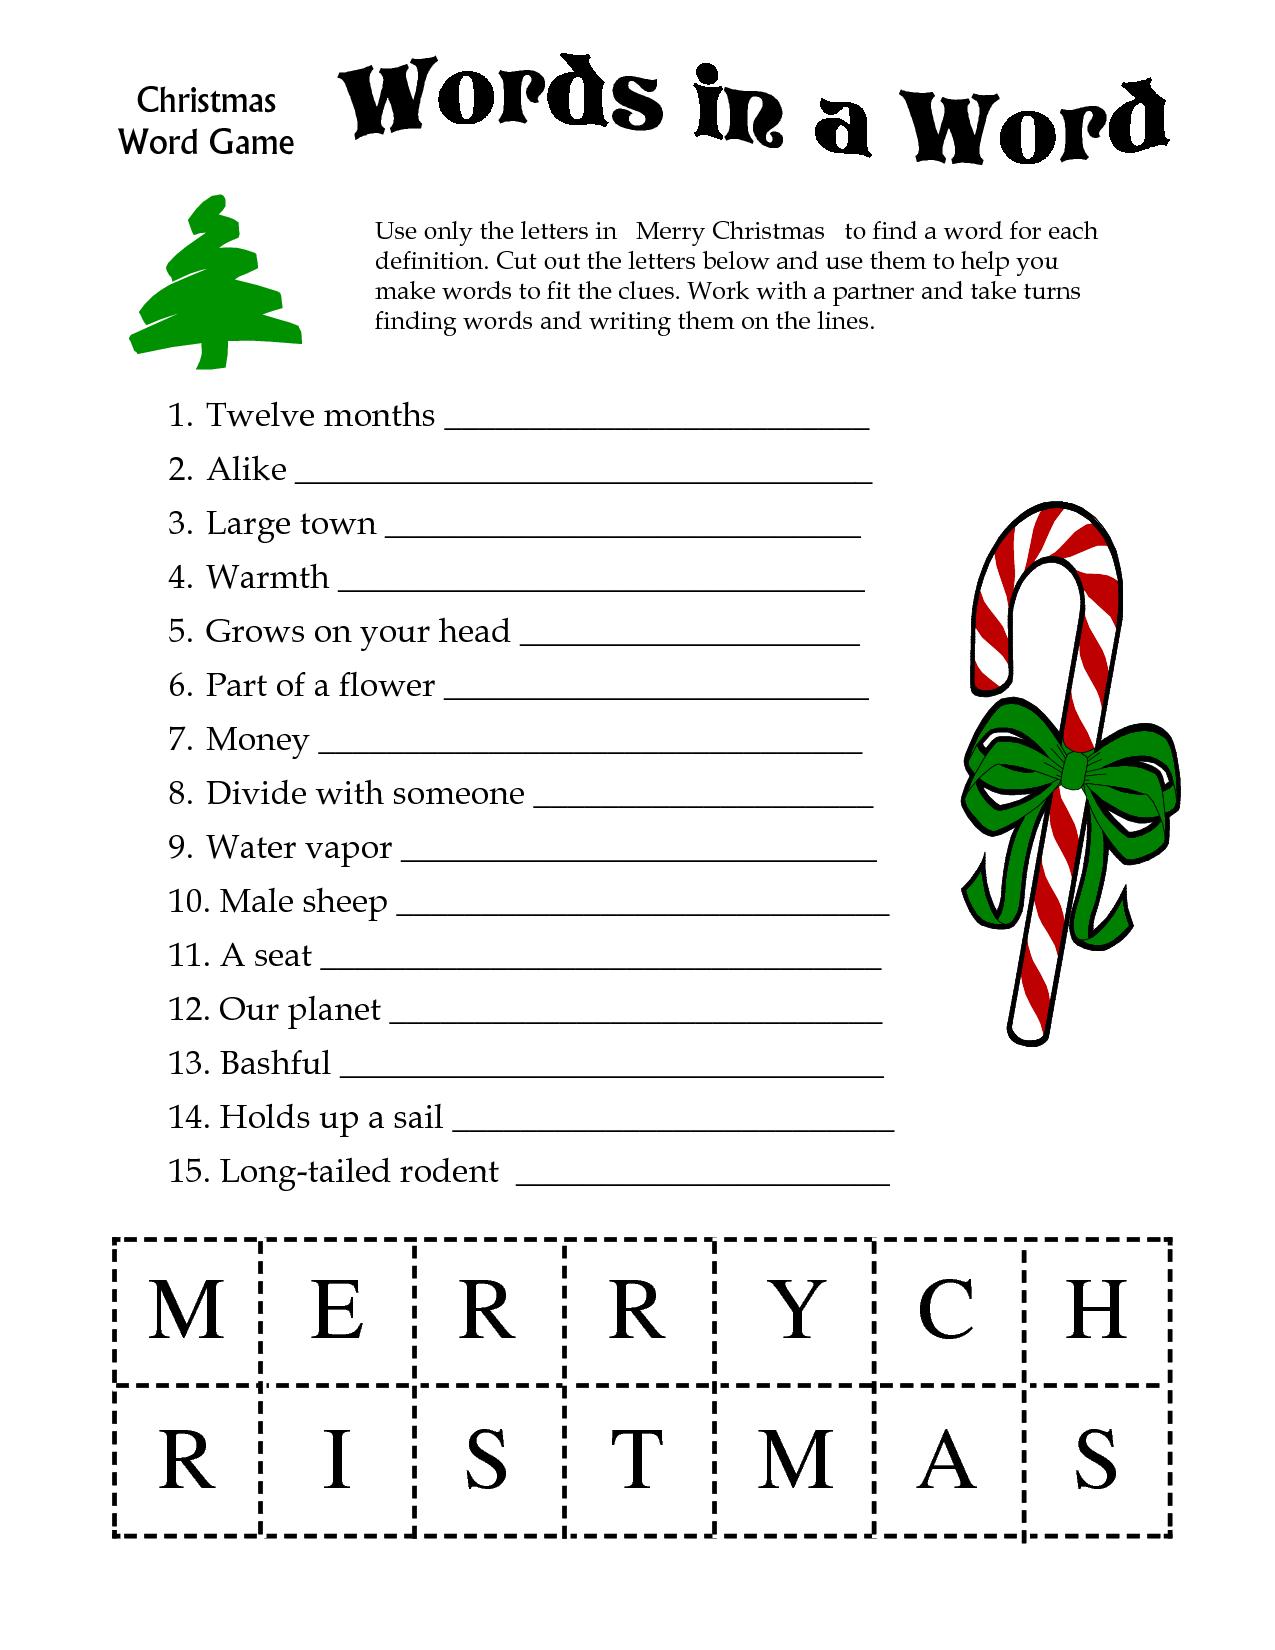 5 Images of Kids Christian Printable Christmas Word Games